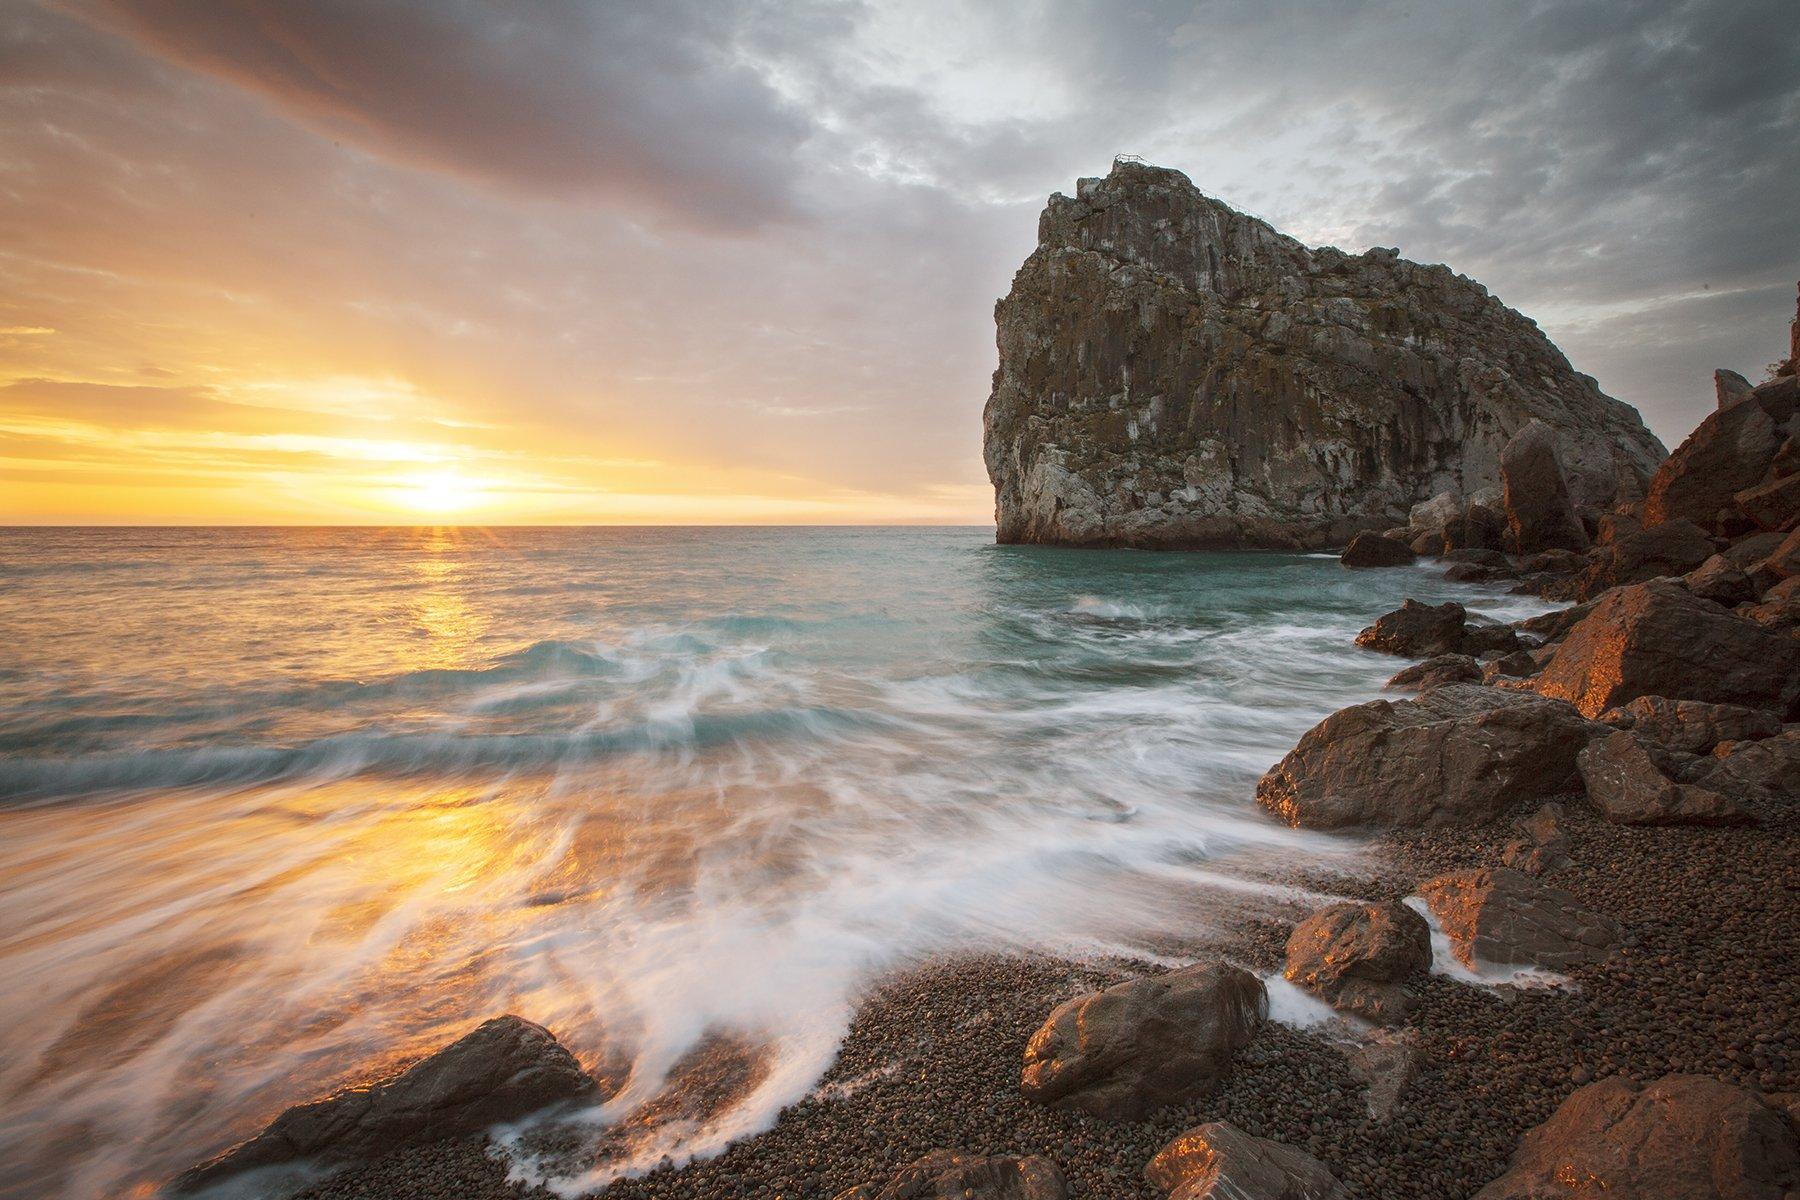 море, берег, восход, утро, солнце, крым, скалы, небо, пейзаж,, Сергей Шульга